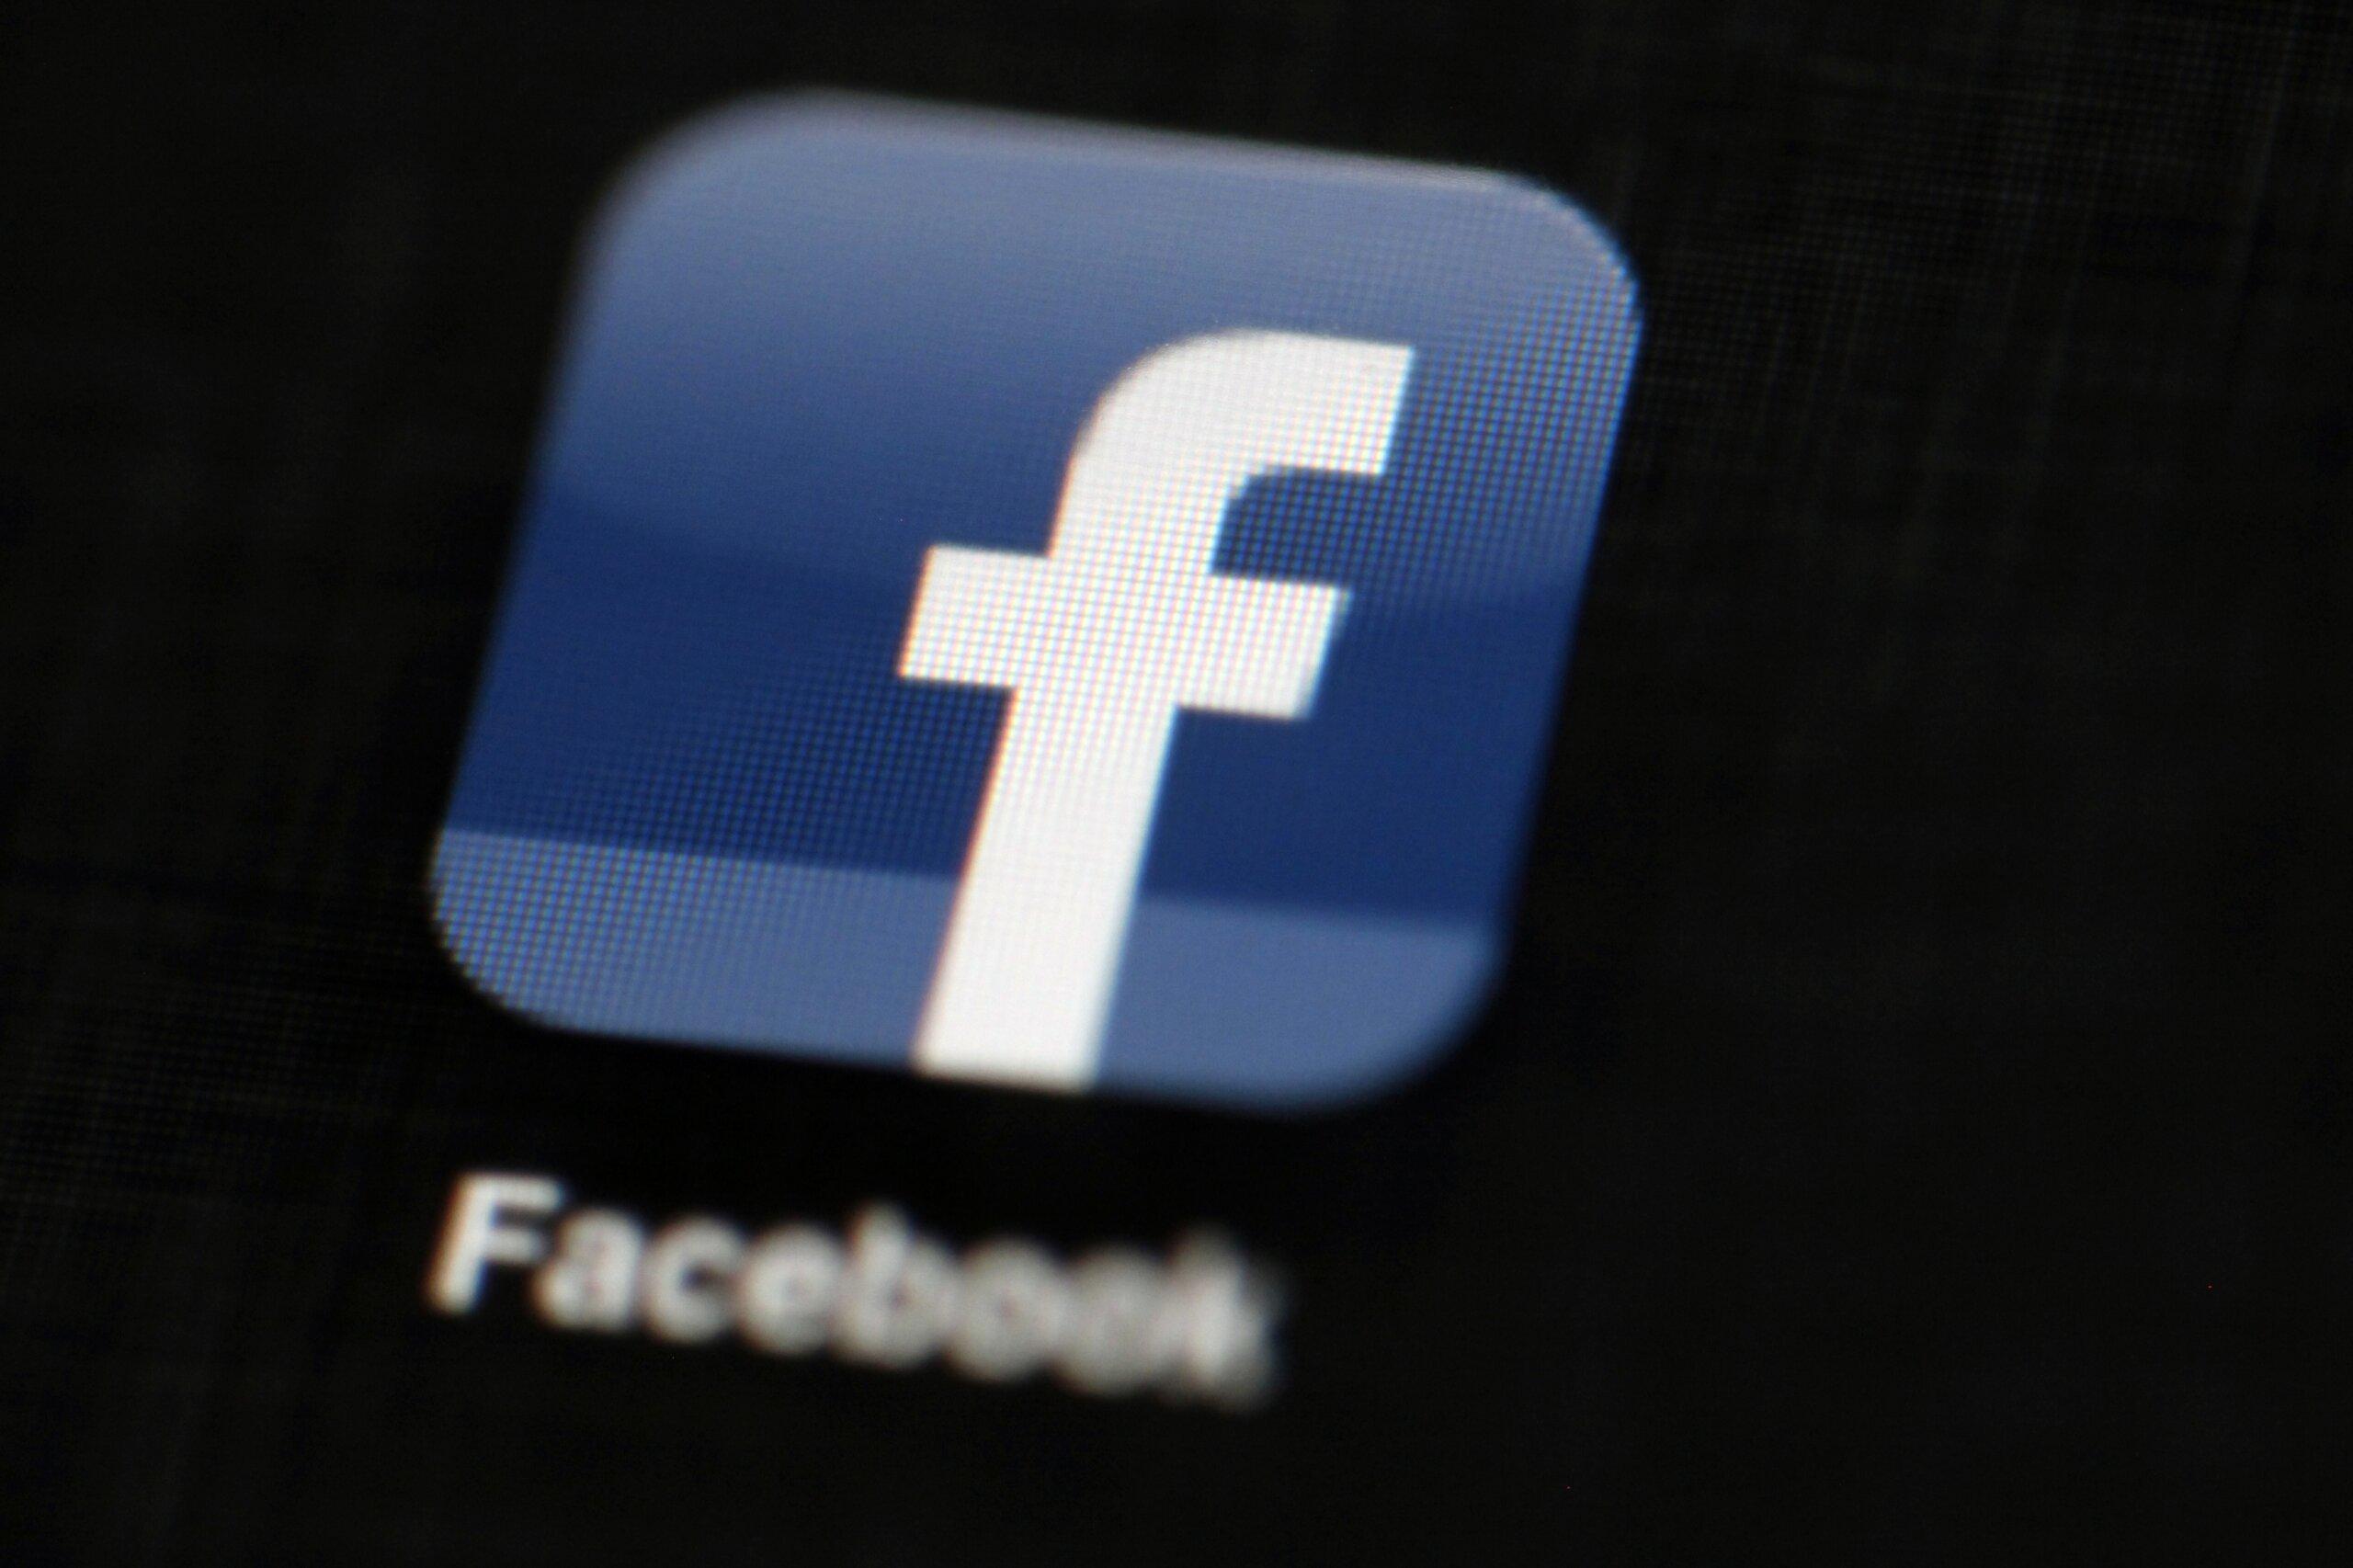 Stalk Facebook là gì, làm cách nào để tránh bị stalk? 10